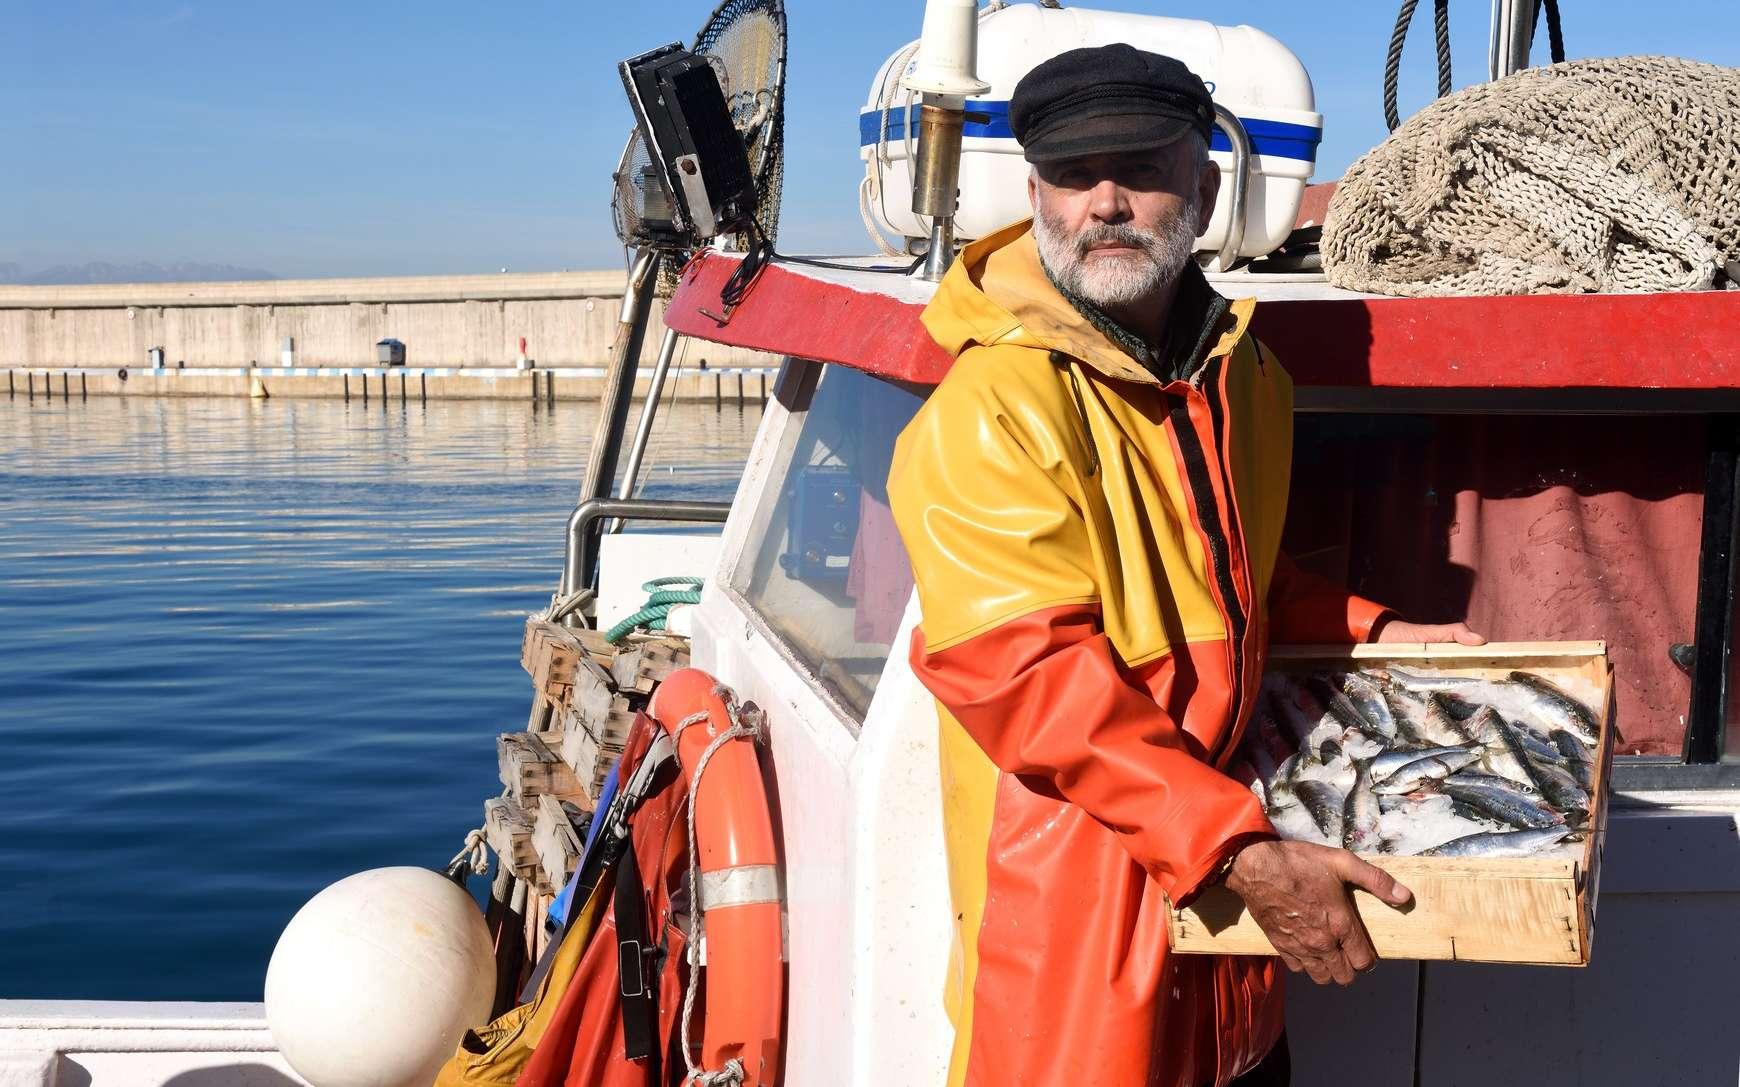 Dans différentes régions du monde, les pêcheries enregistrent une baisse des prises. © curto, Fotolia